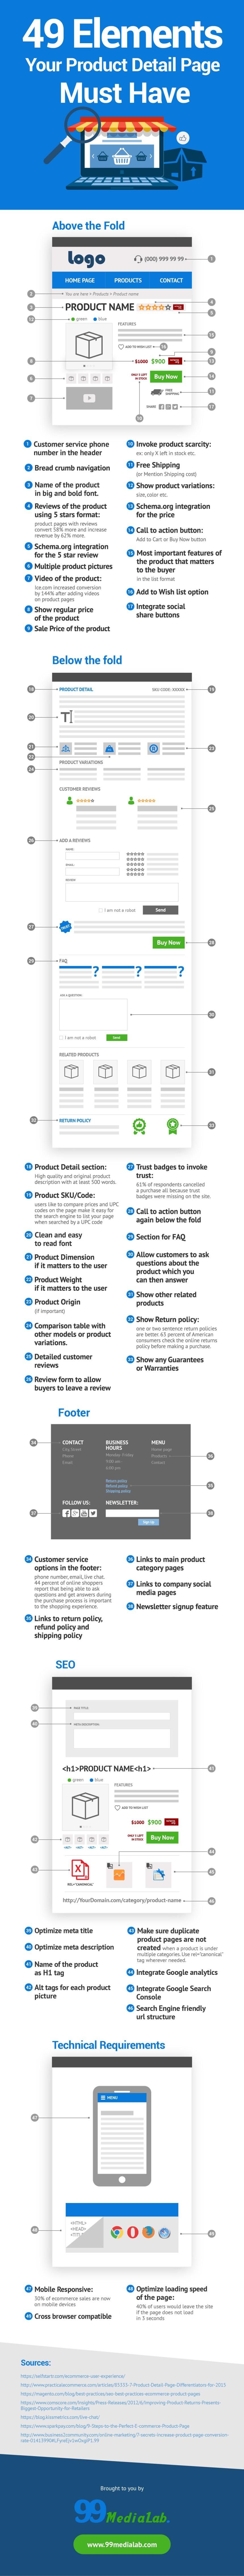 49 elementos que la página de un producto debe tener en tu tienda online